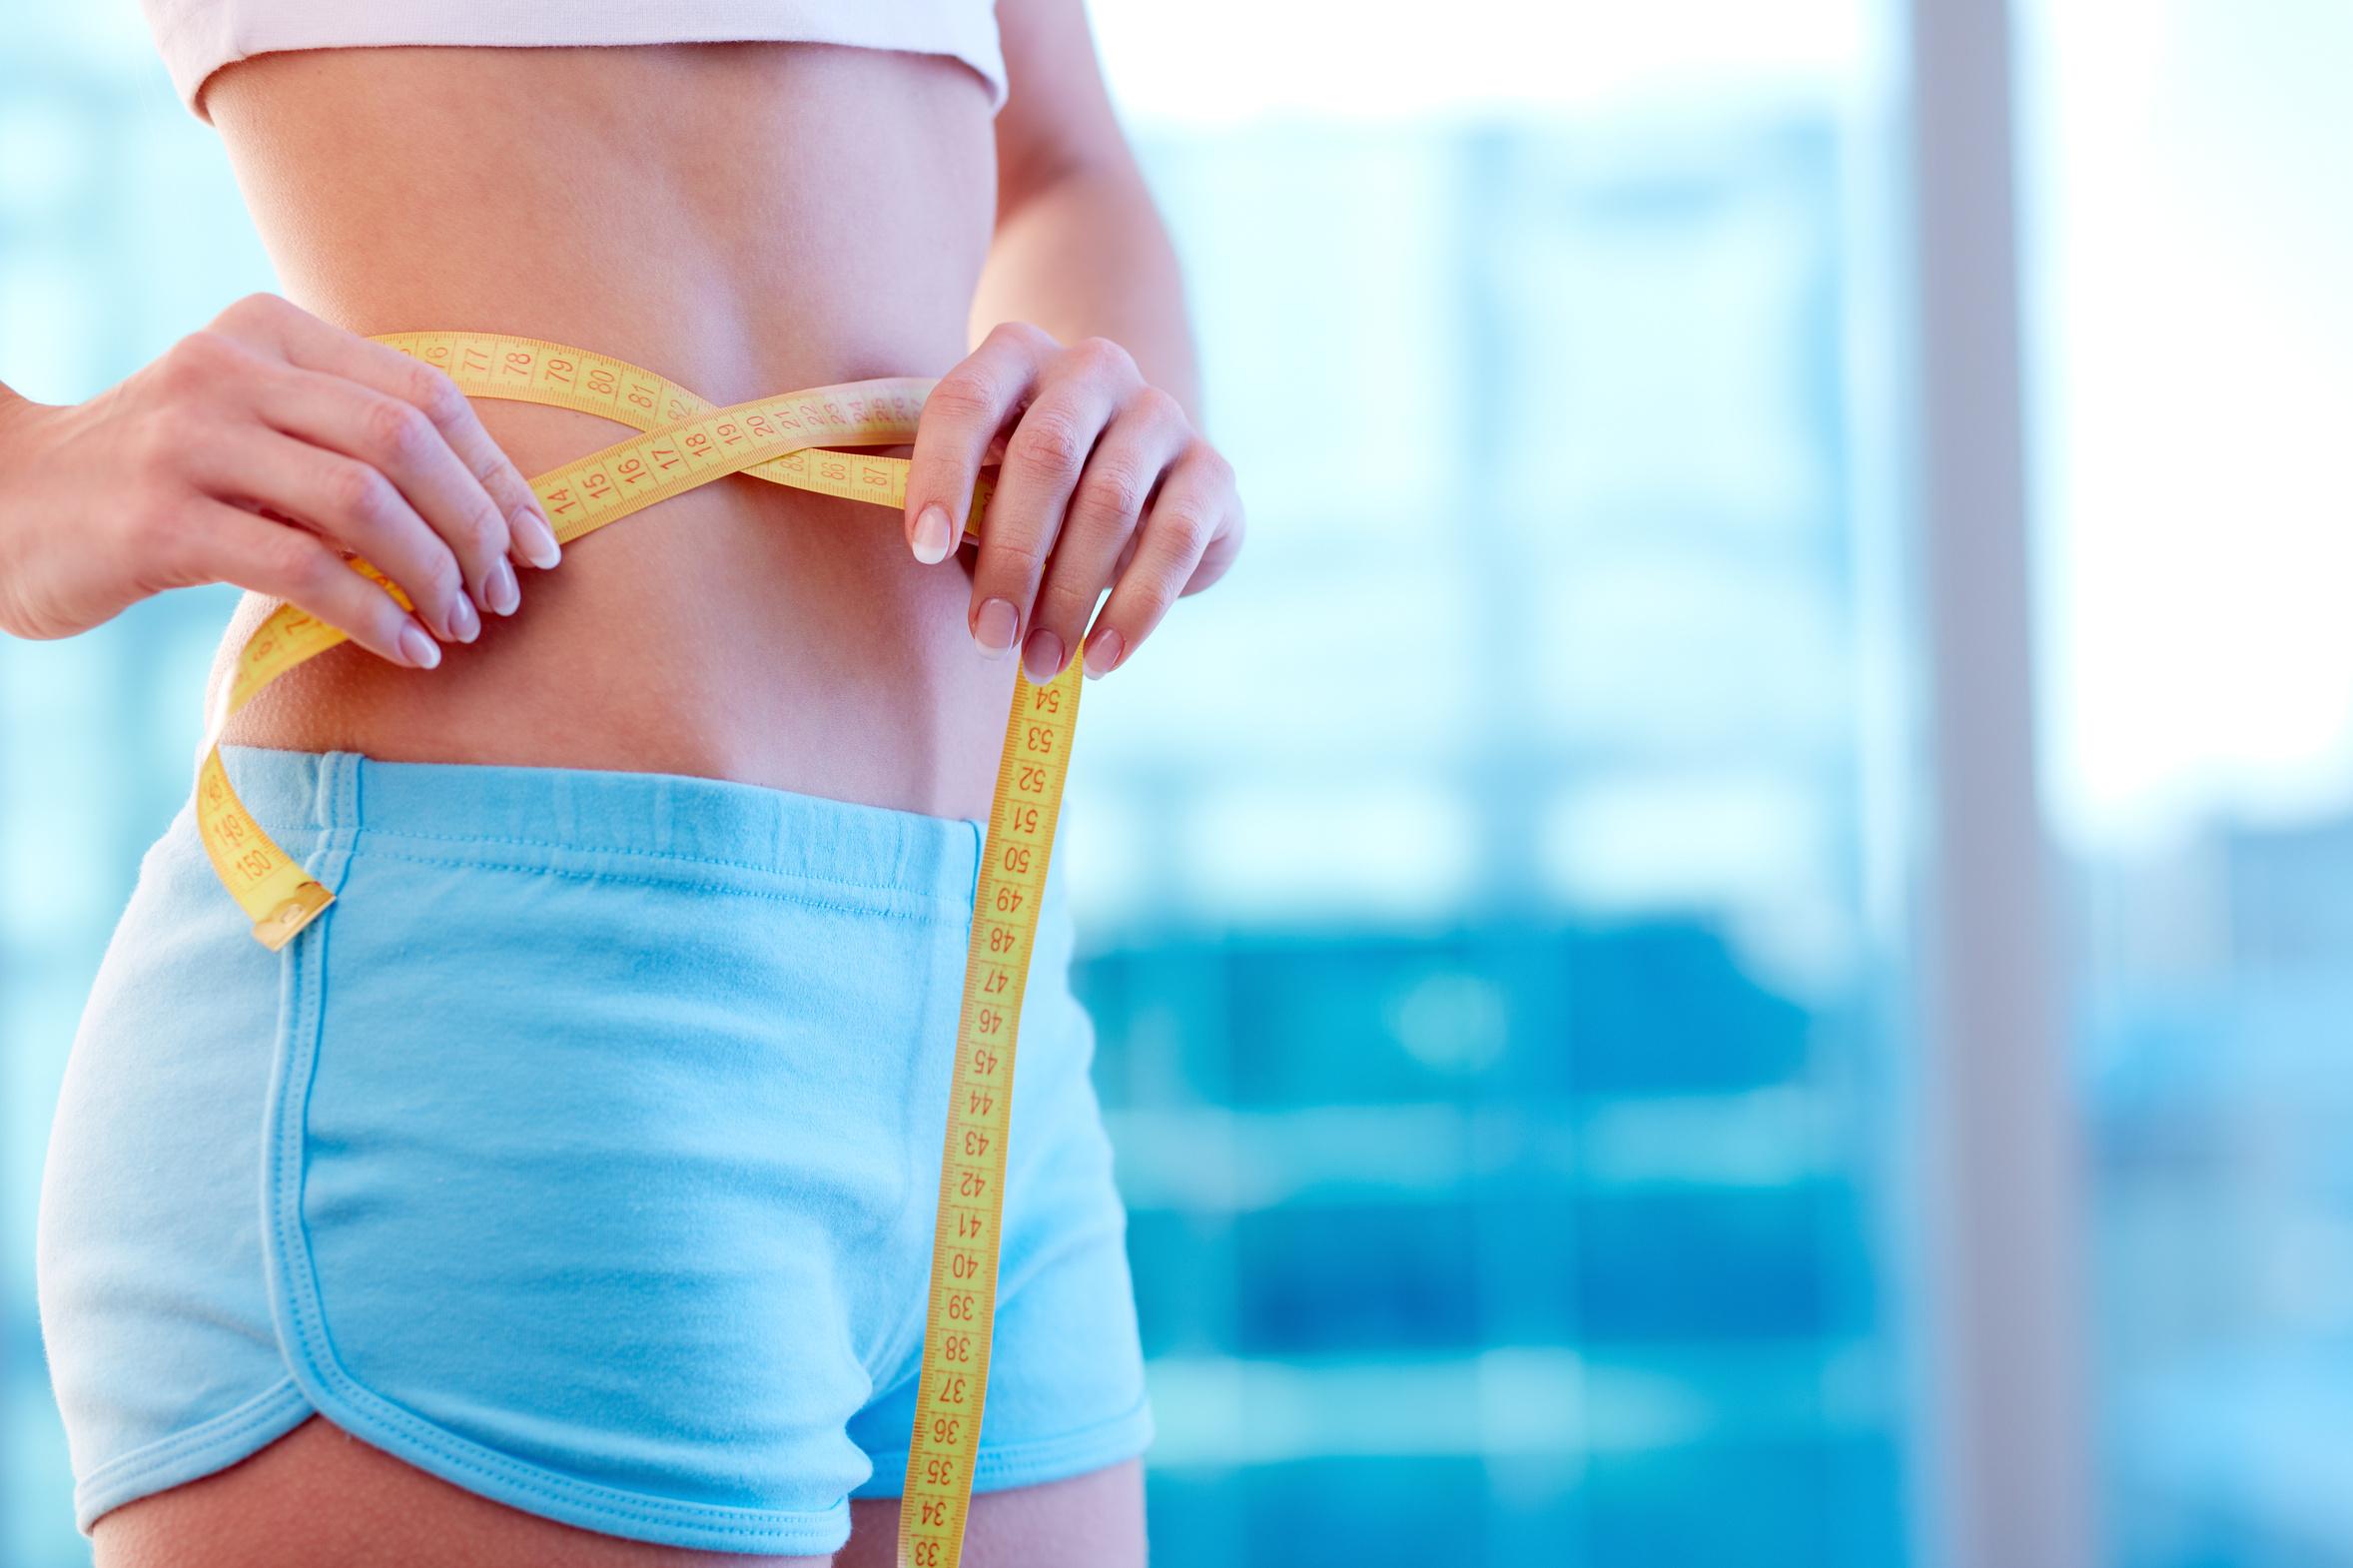 cele mai bune tehnici pentru pierderea în greutate pierde 8 kg grăsime